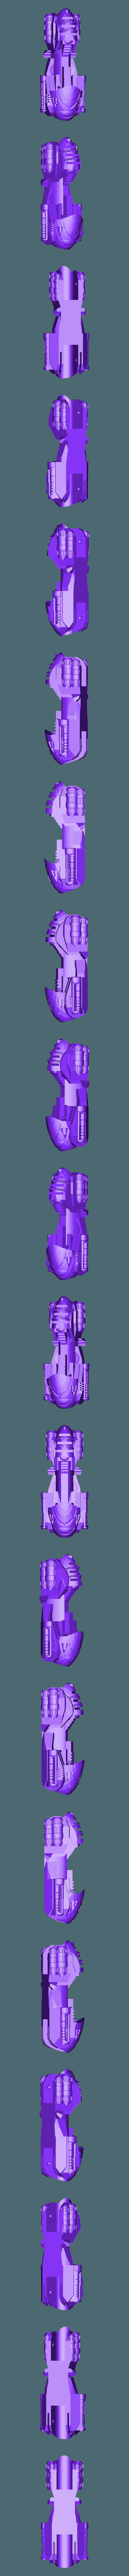 Lonely_Laser_Bike_no_Wheels.stl Télécharger fichier STL gratuit Razor the Racer Cat, un rasoir sans support • Design pour imprimante 3D, mrhers2